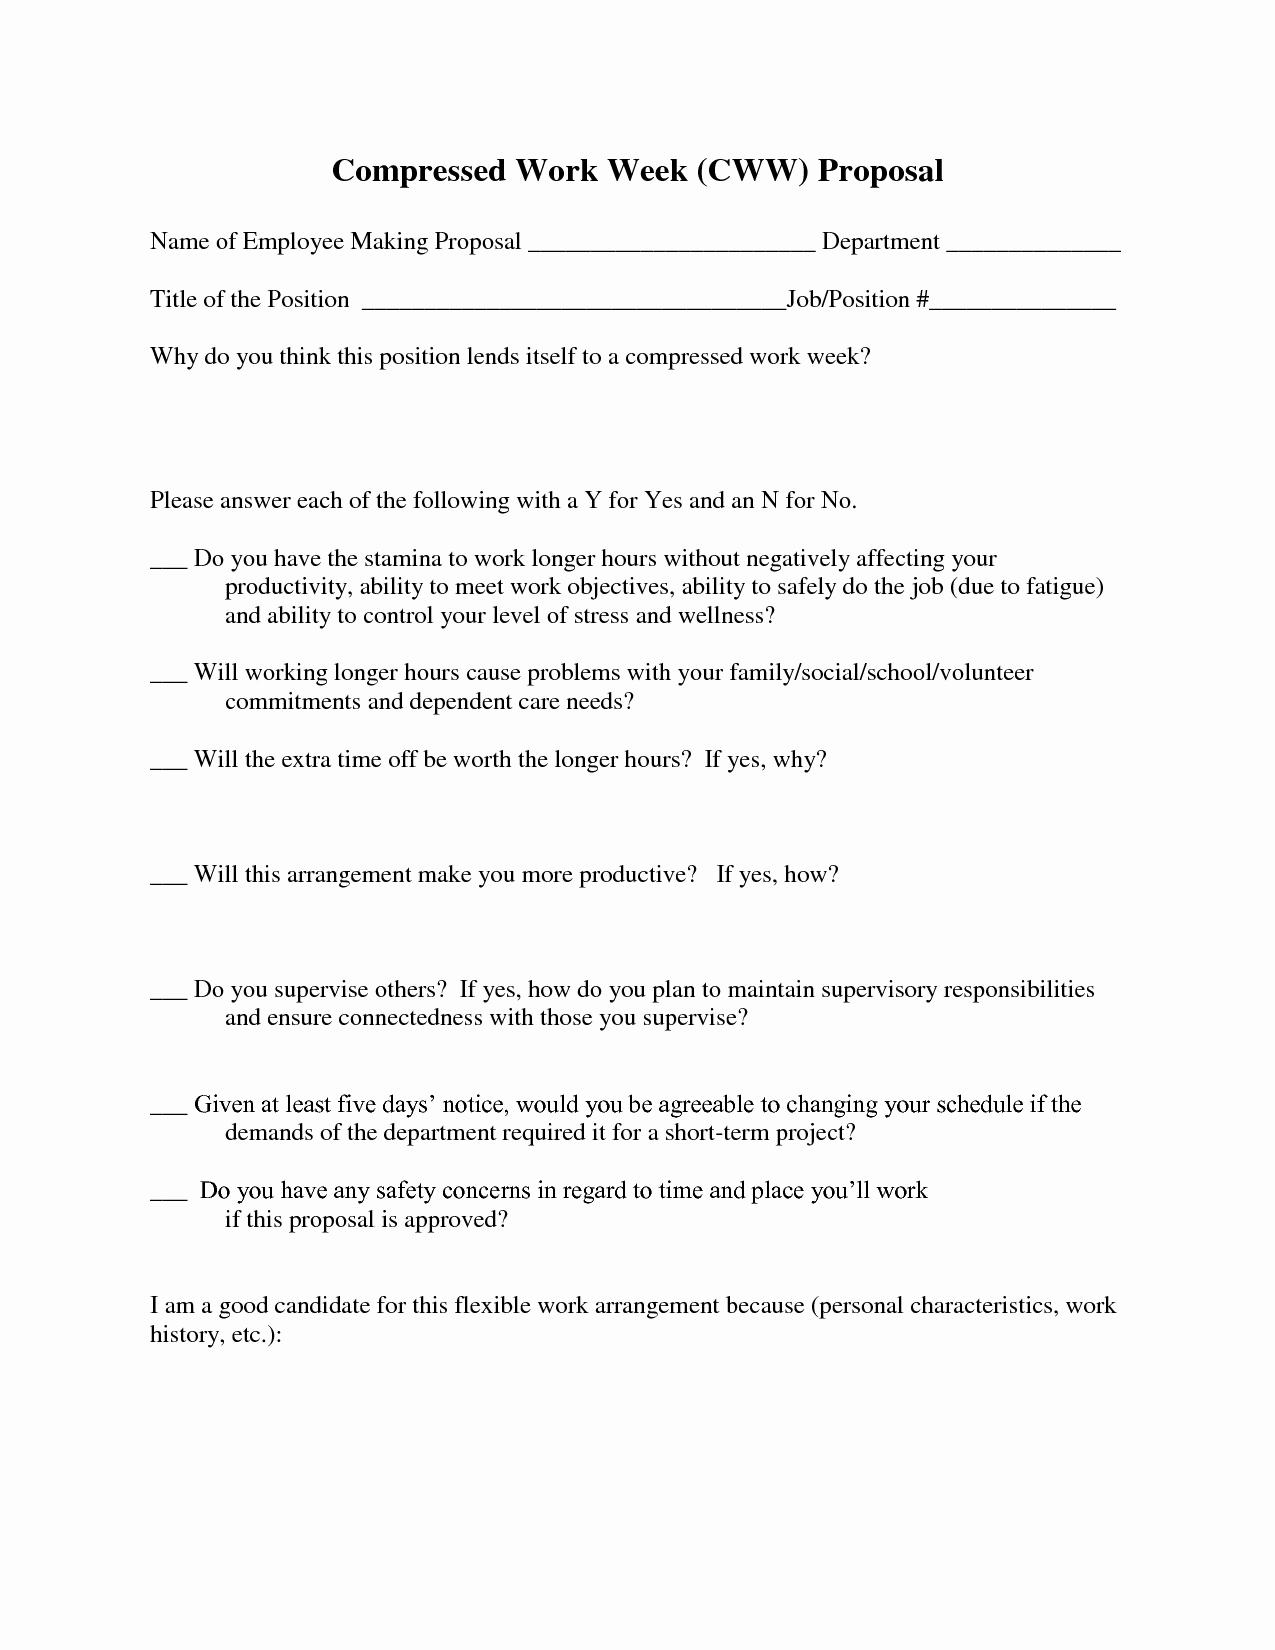 Sample Job Proposal Template Inspirational Job Proposal Template